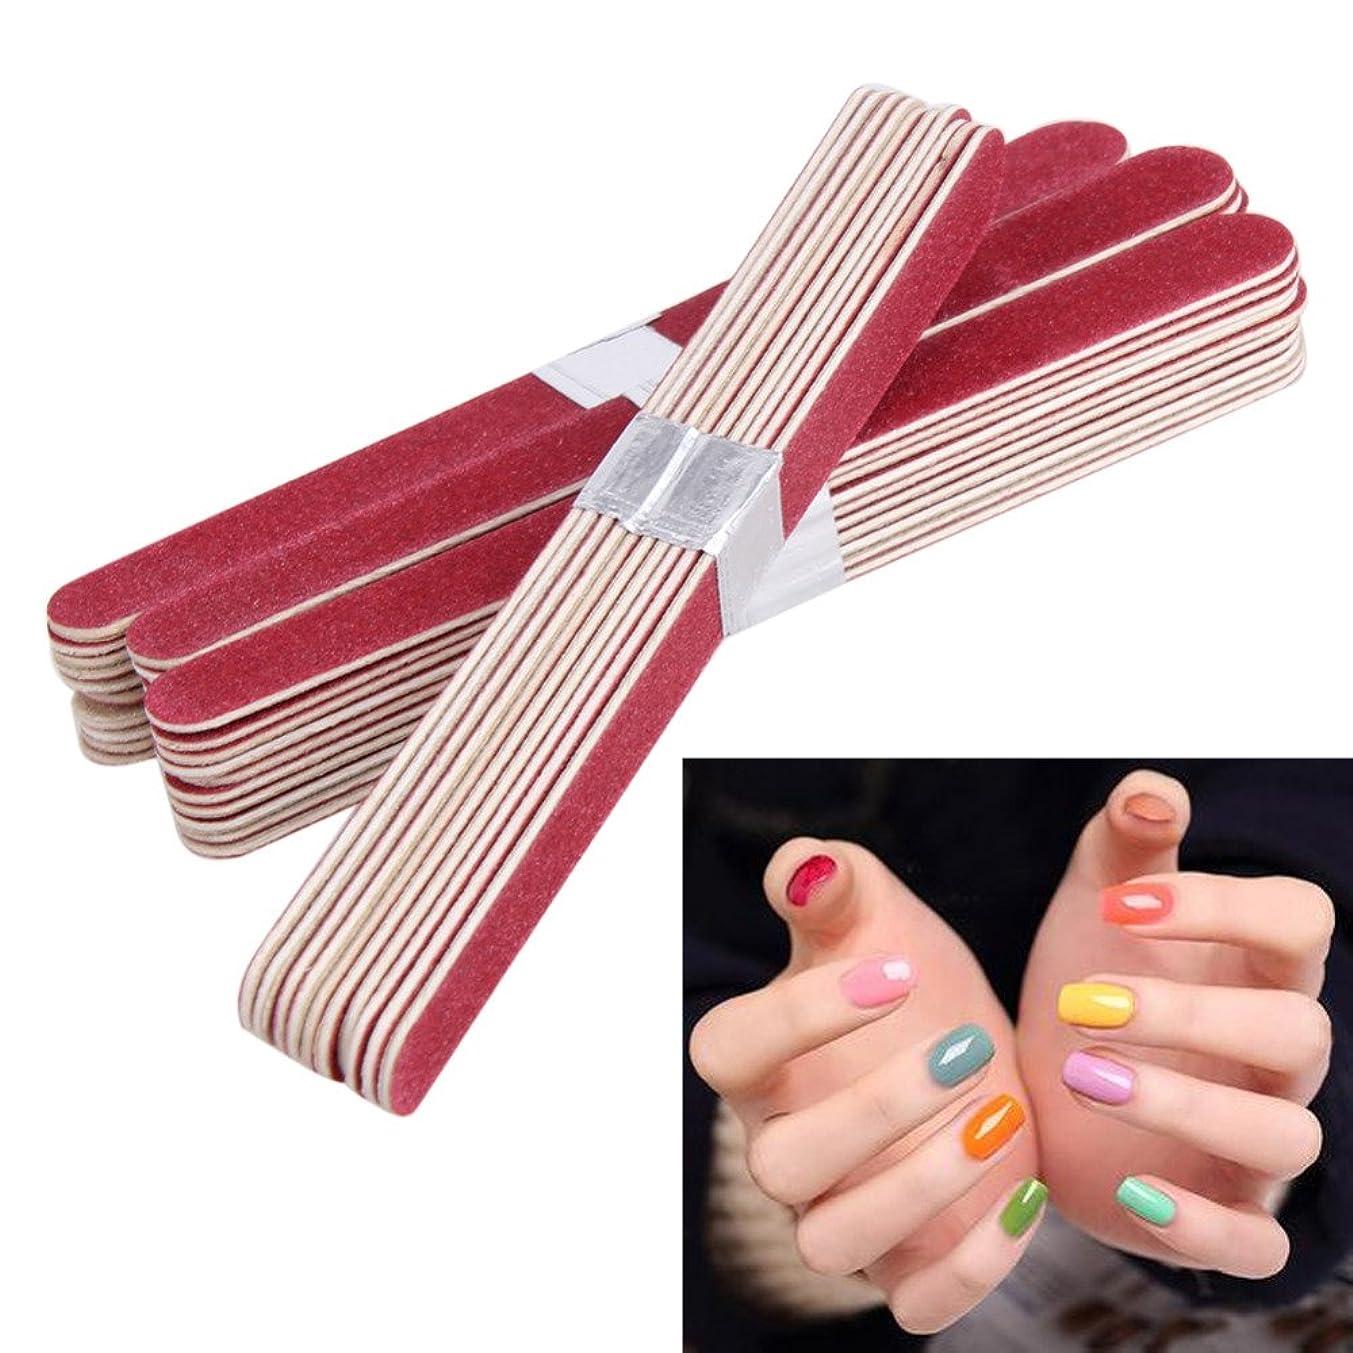 ベイビー季節冷凍庫Kingsie ネイルファイル 40本セット 赤 ウッド エメリーボード 爪やすり 爪磨き ネイルケアセット